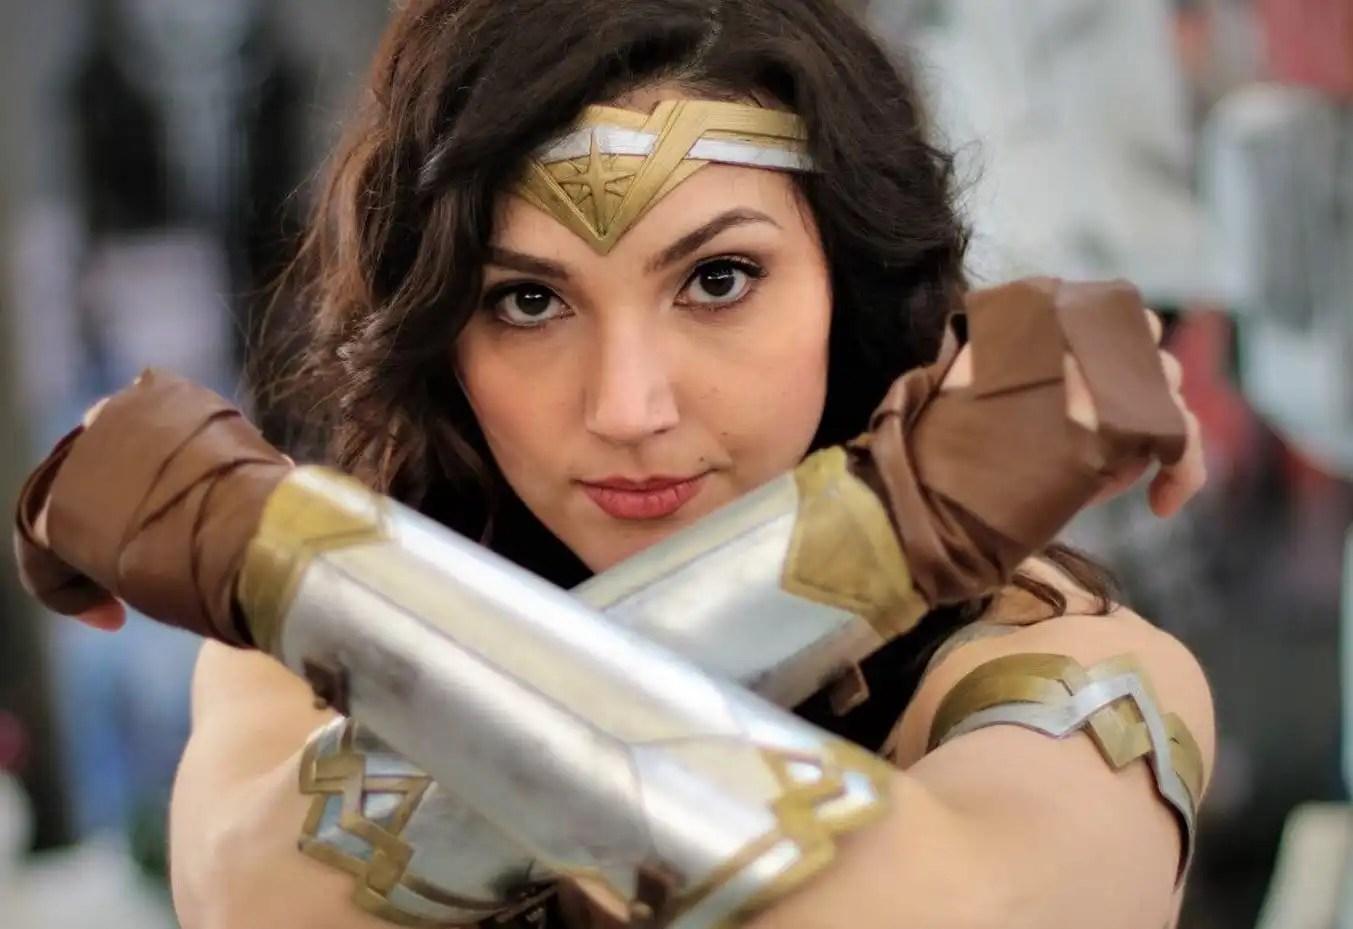 La cosplayer Ale Bry è Gal Gadot, la celebre Wonder Woman del cinema!